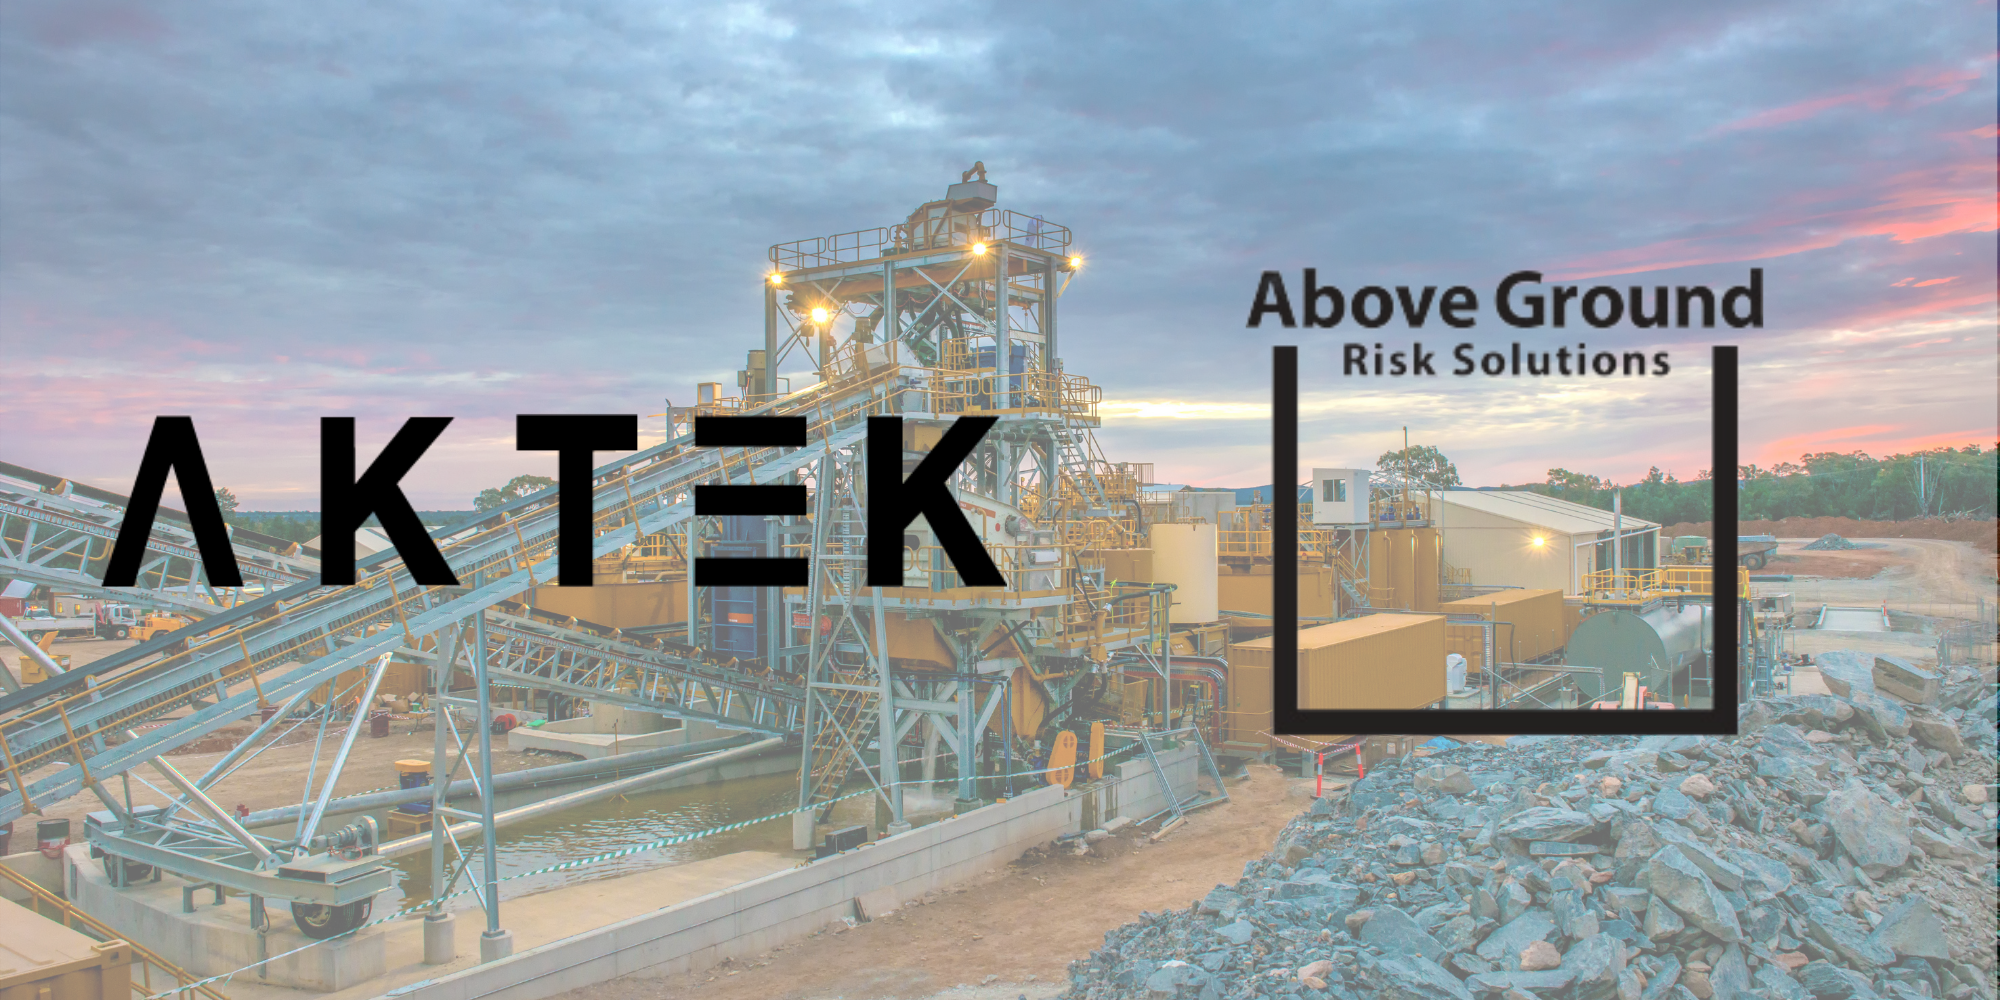 AKTEK partnership with AG-RS for risk management solution